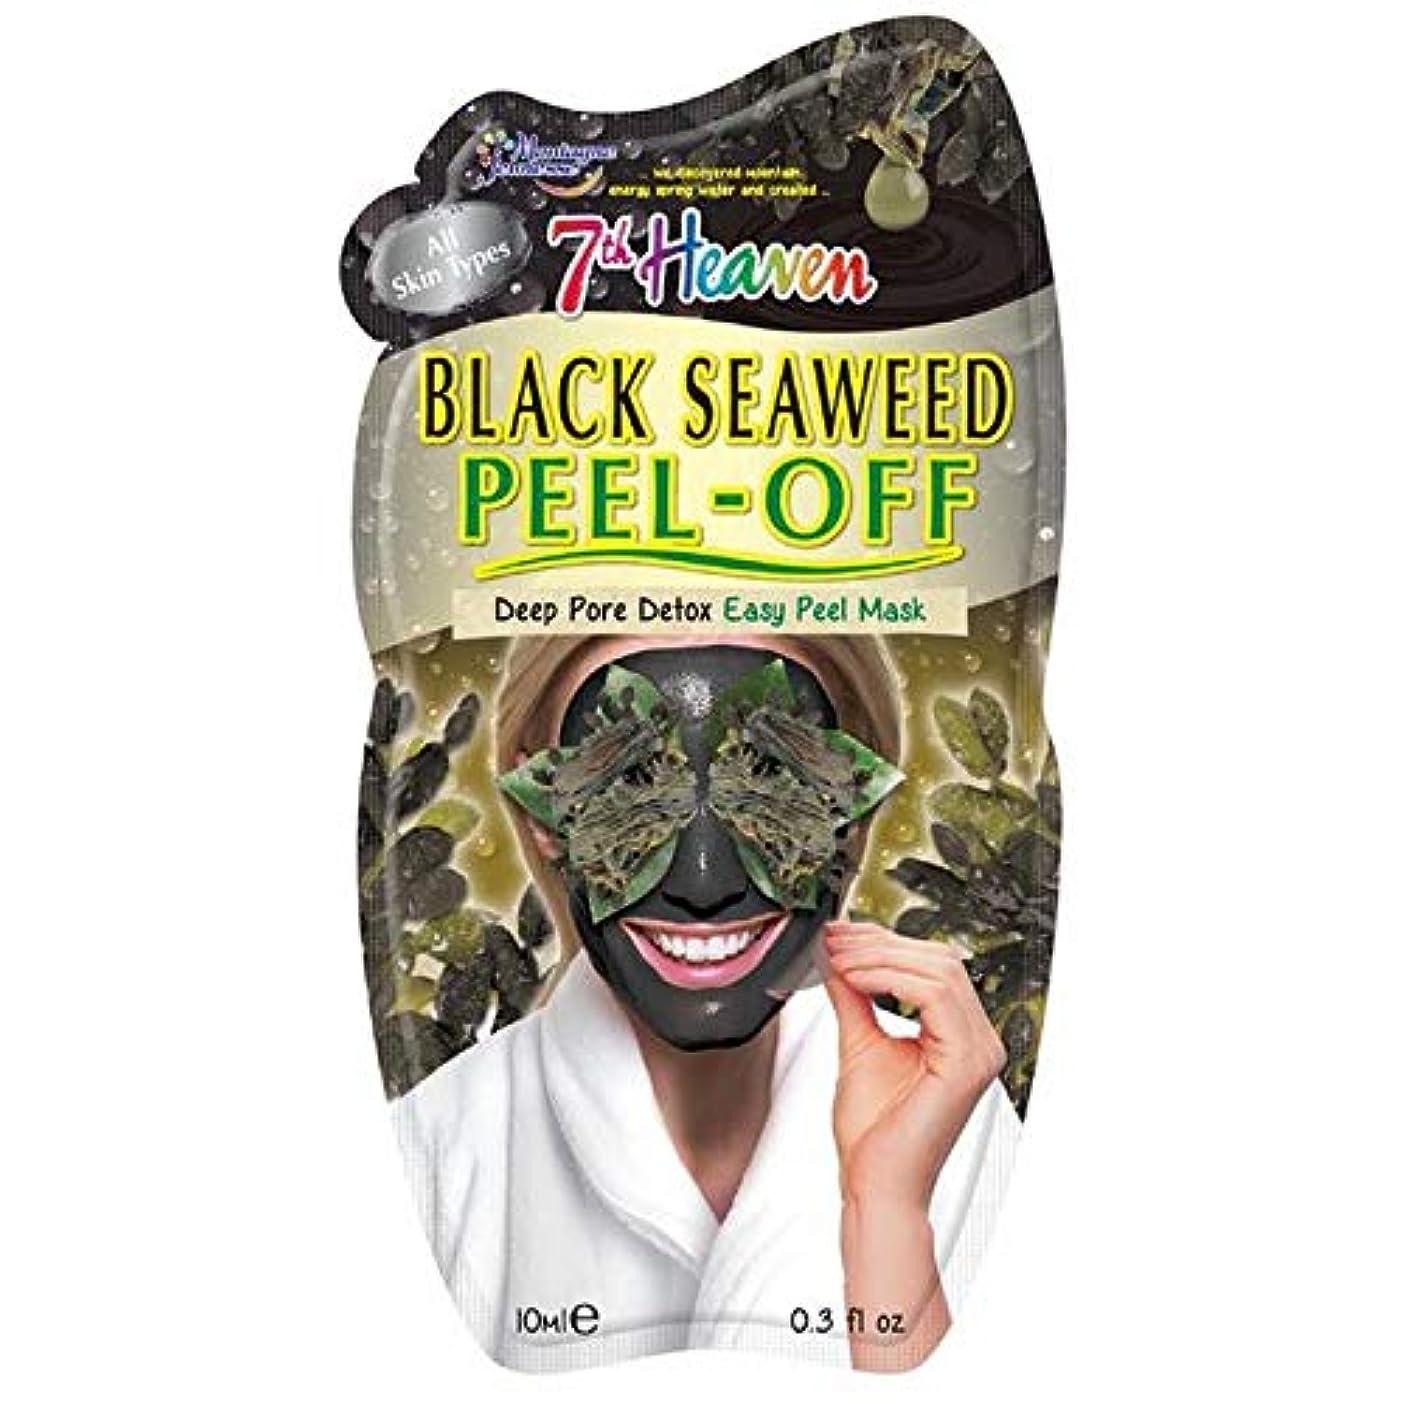 勇気のある強い呼吸[Montagne Jeunesse] モンターニュジュネス第七天国黒海藻顔仮面の10ミリリットルをはがし - Montagne Jeunesse 7th Heaven Black Seaweed Peel Off Face...